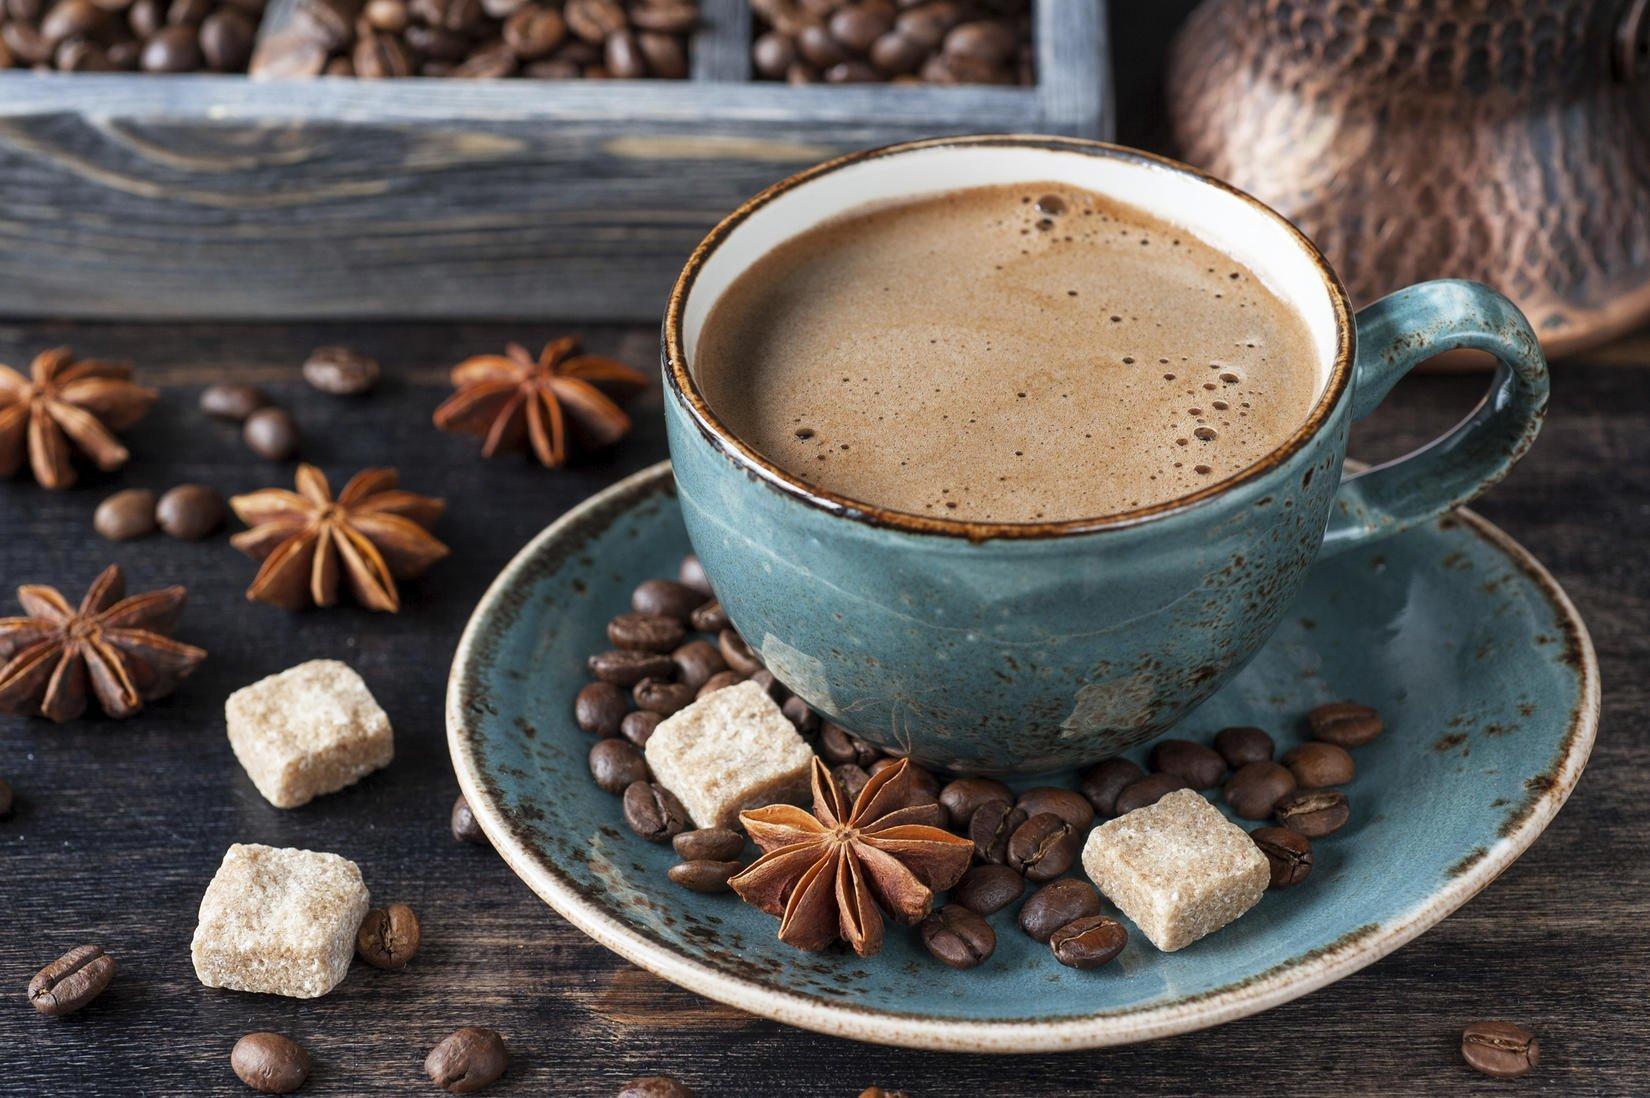 очень нежное красивая картинка кофейной чашки его правильно заполнить